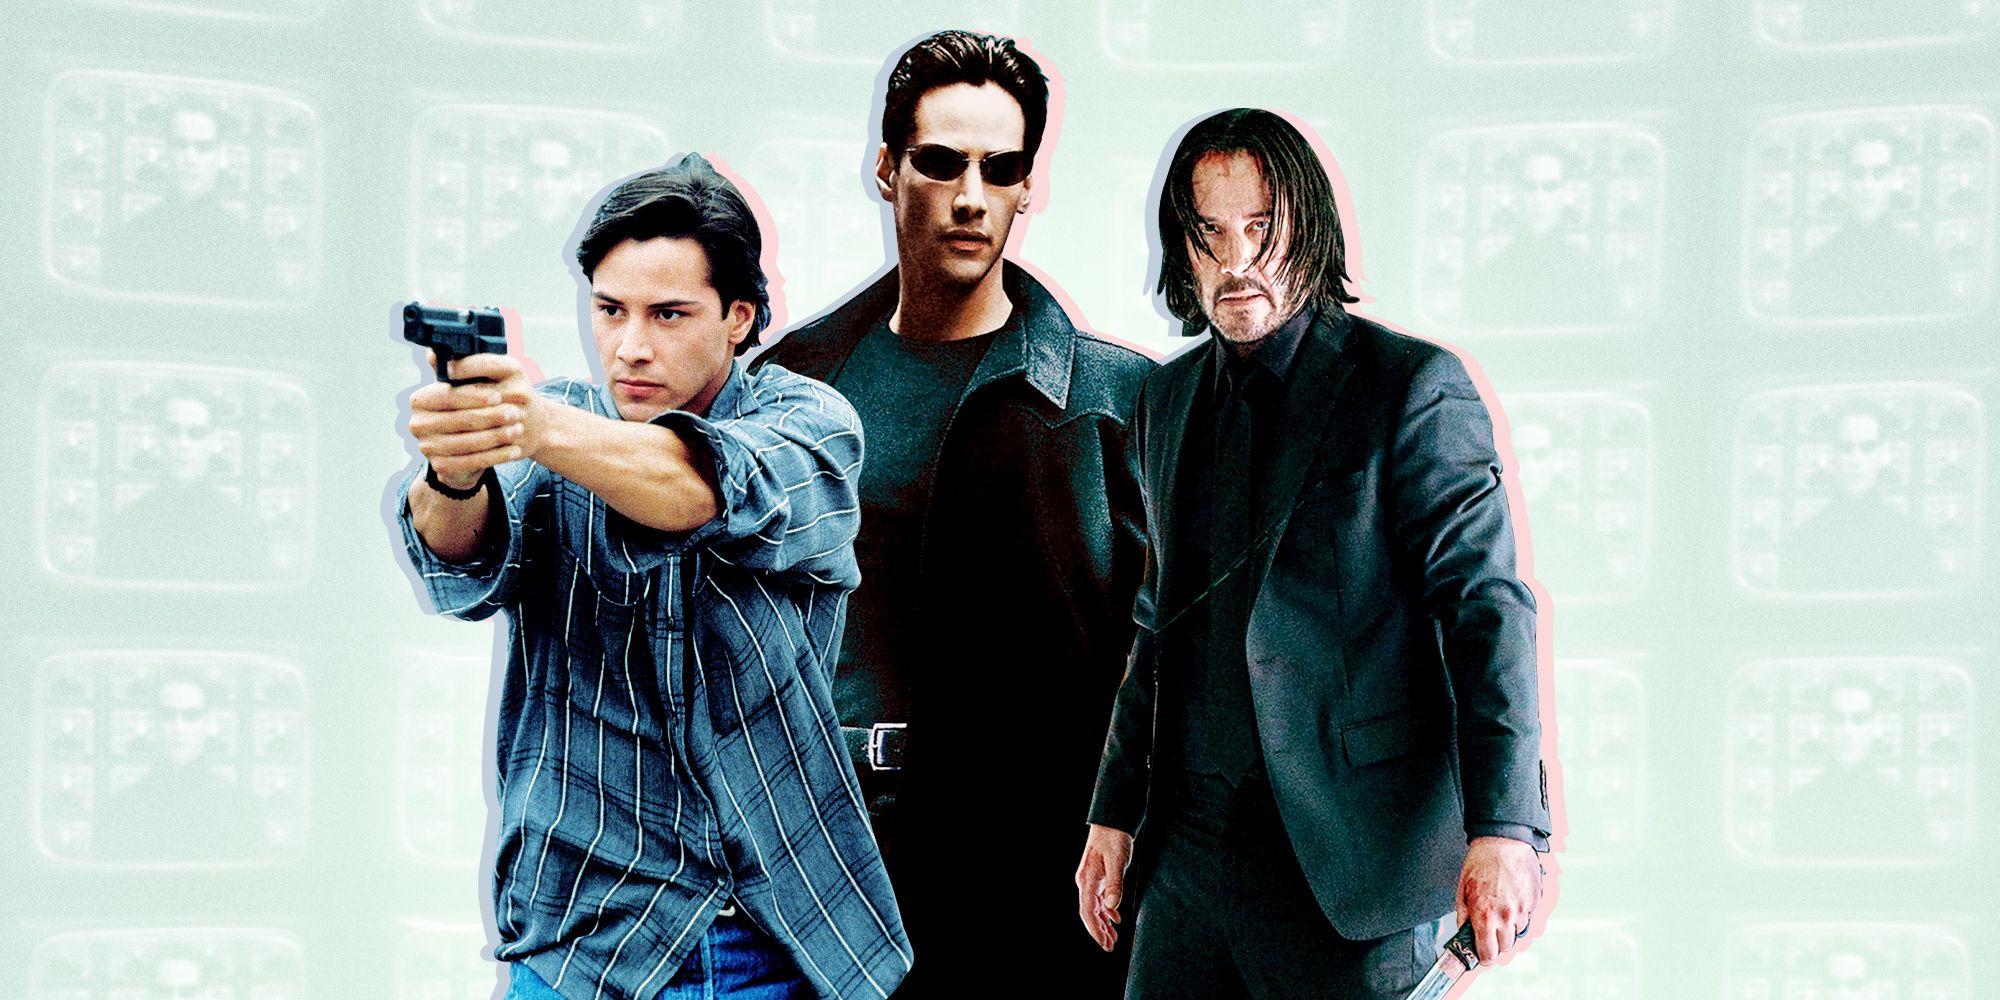 17 Best Keanu Reeves Movies The Best Keanu Reeves Films To Watch